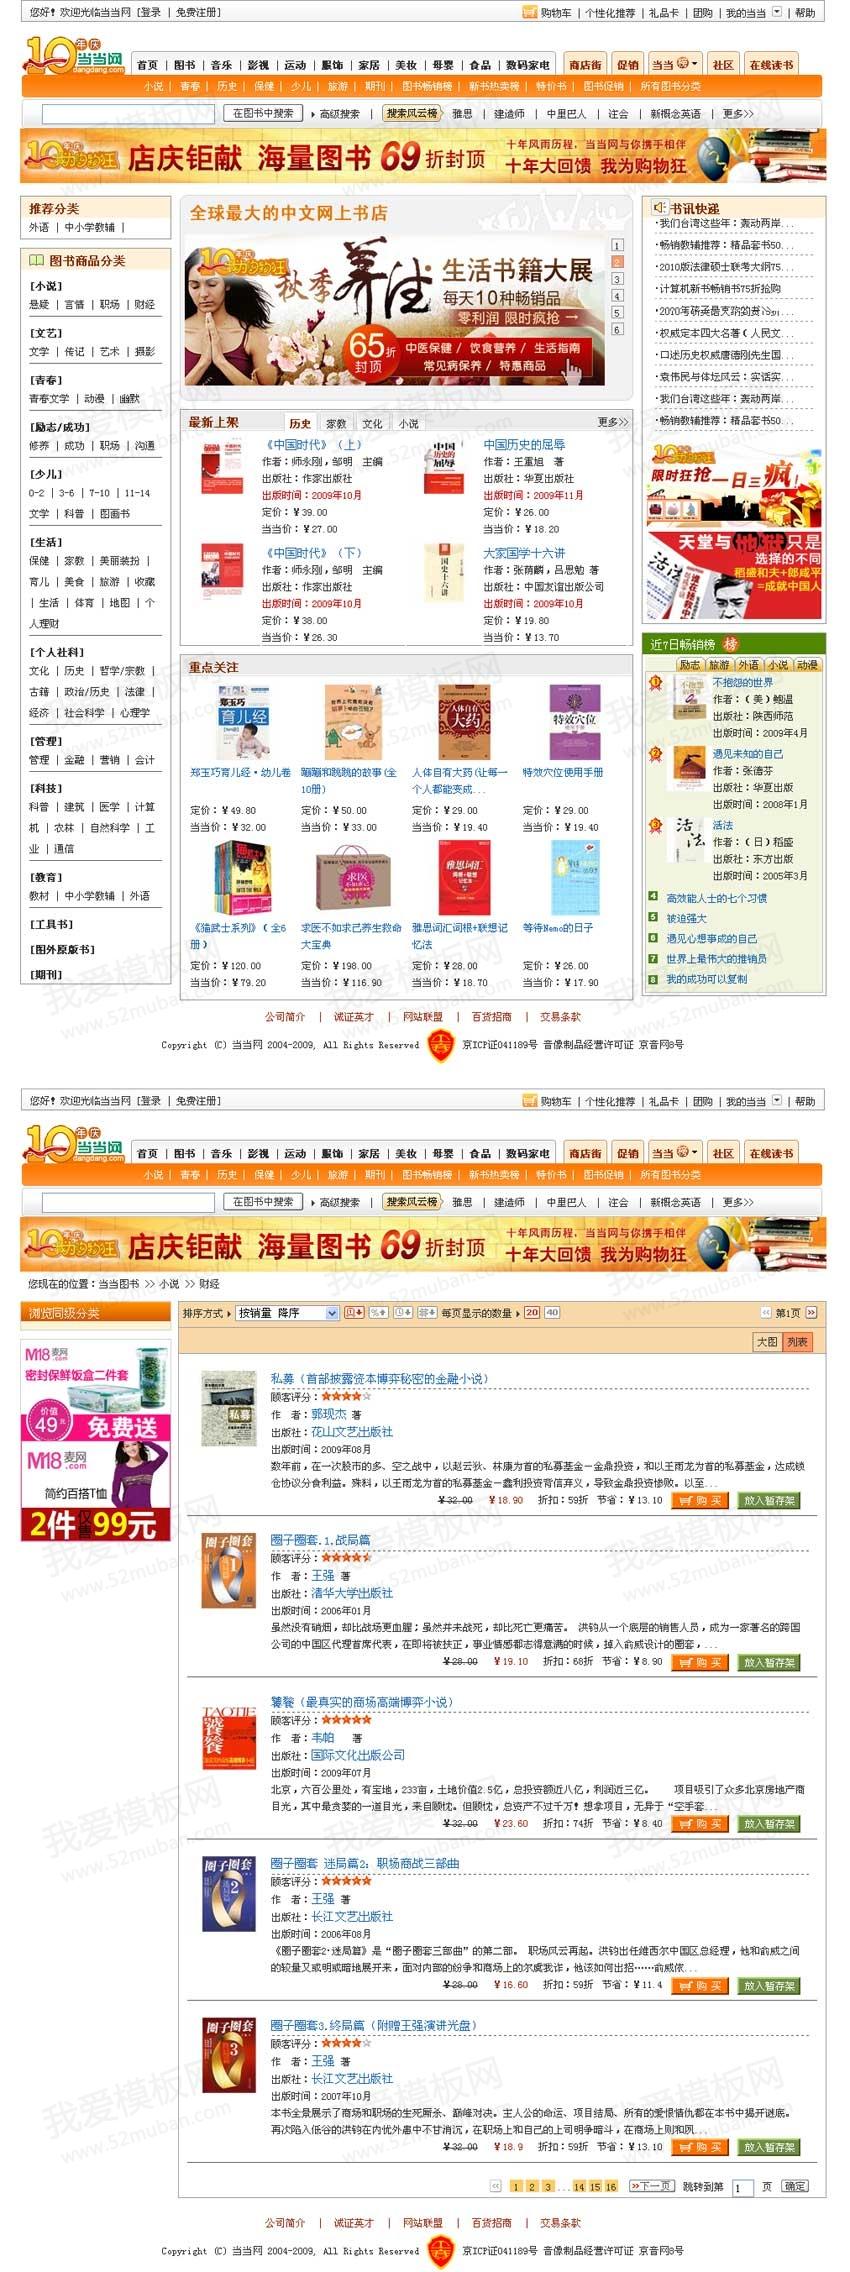 仿当当网上购物商城模板html源码下载